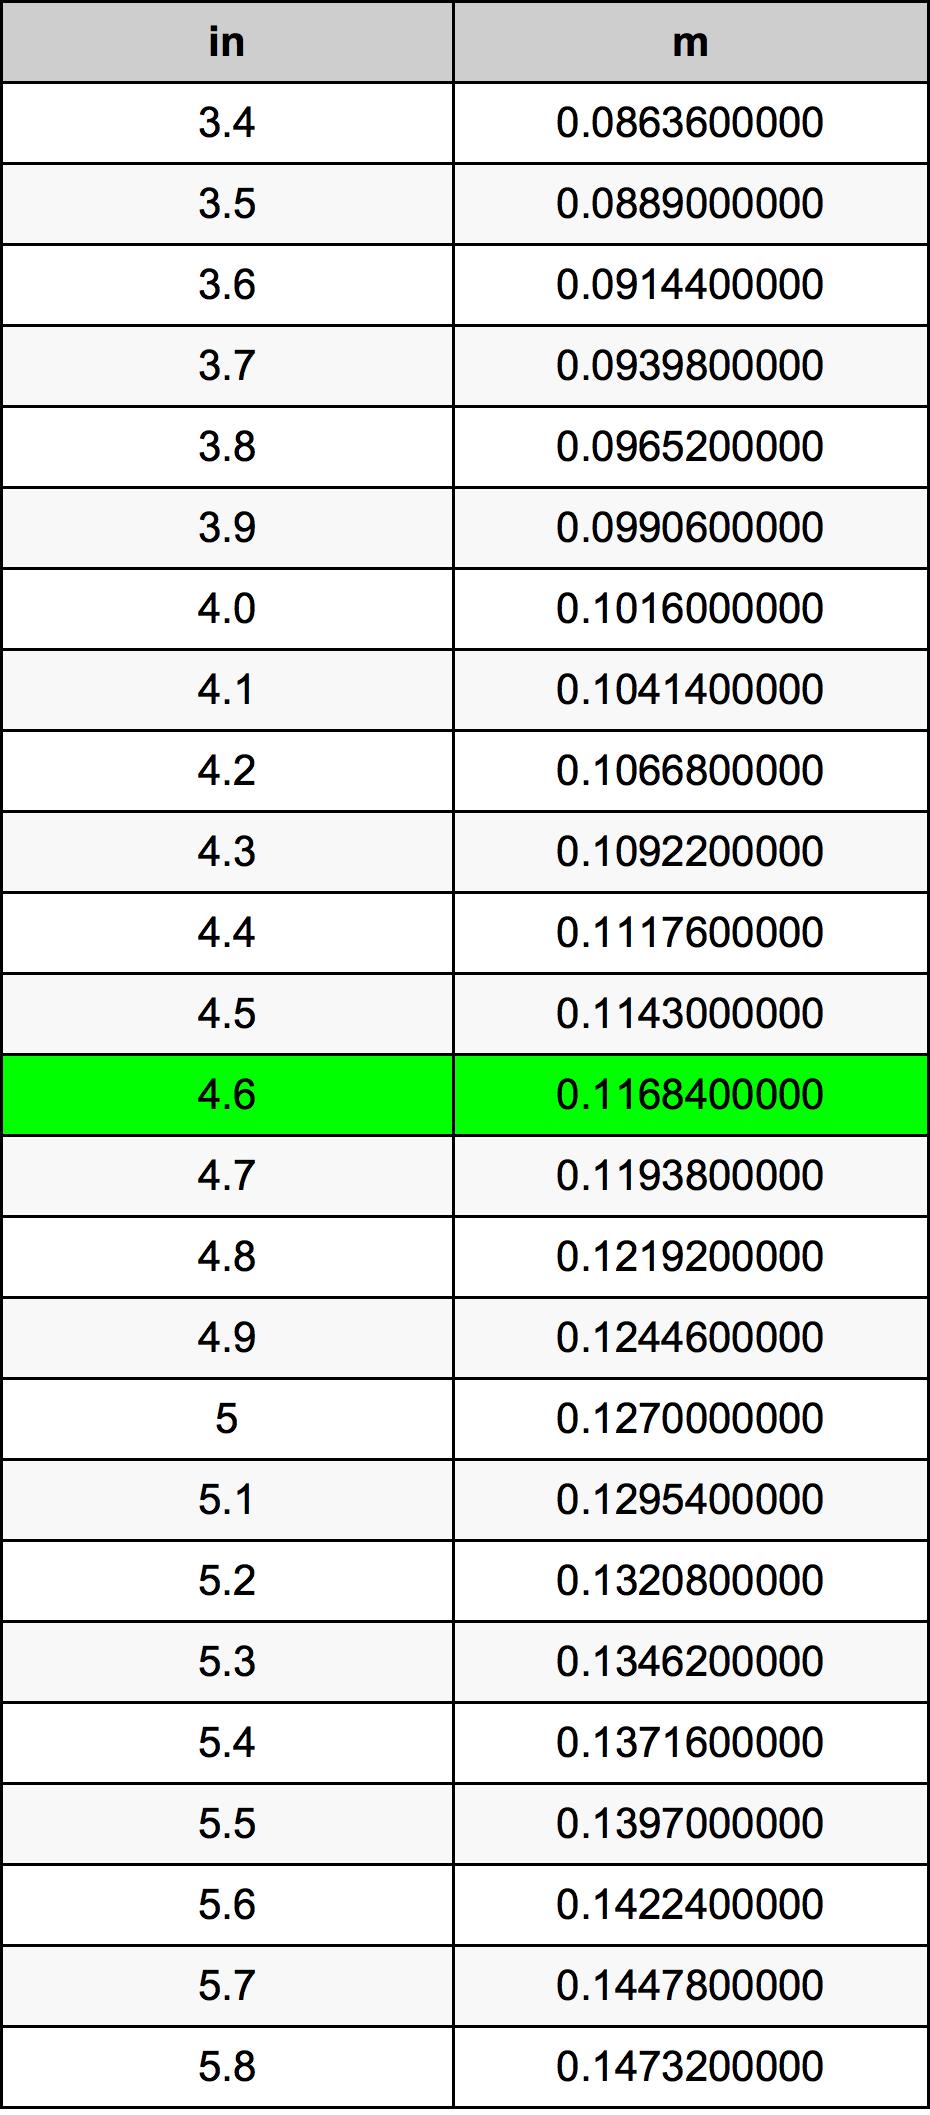 4.6 Pulzier konverżjoni tabella